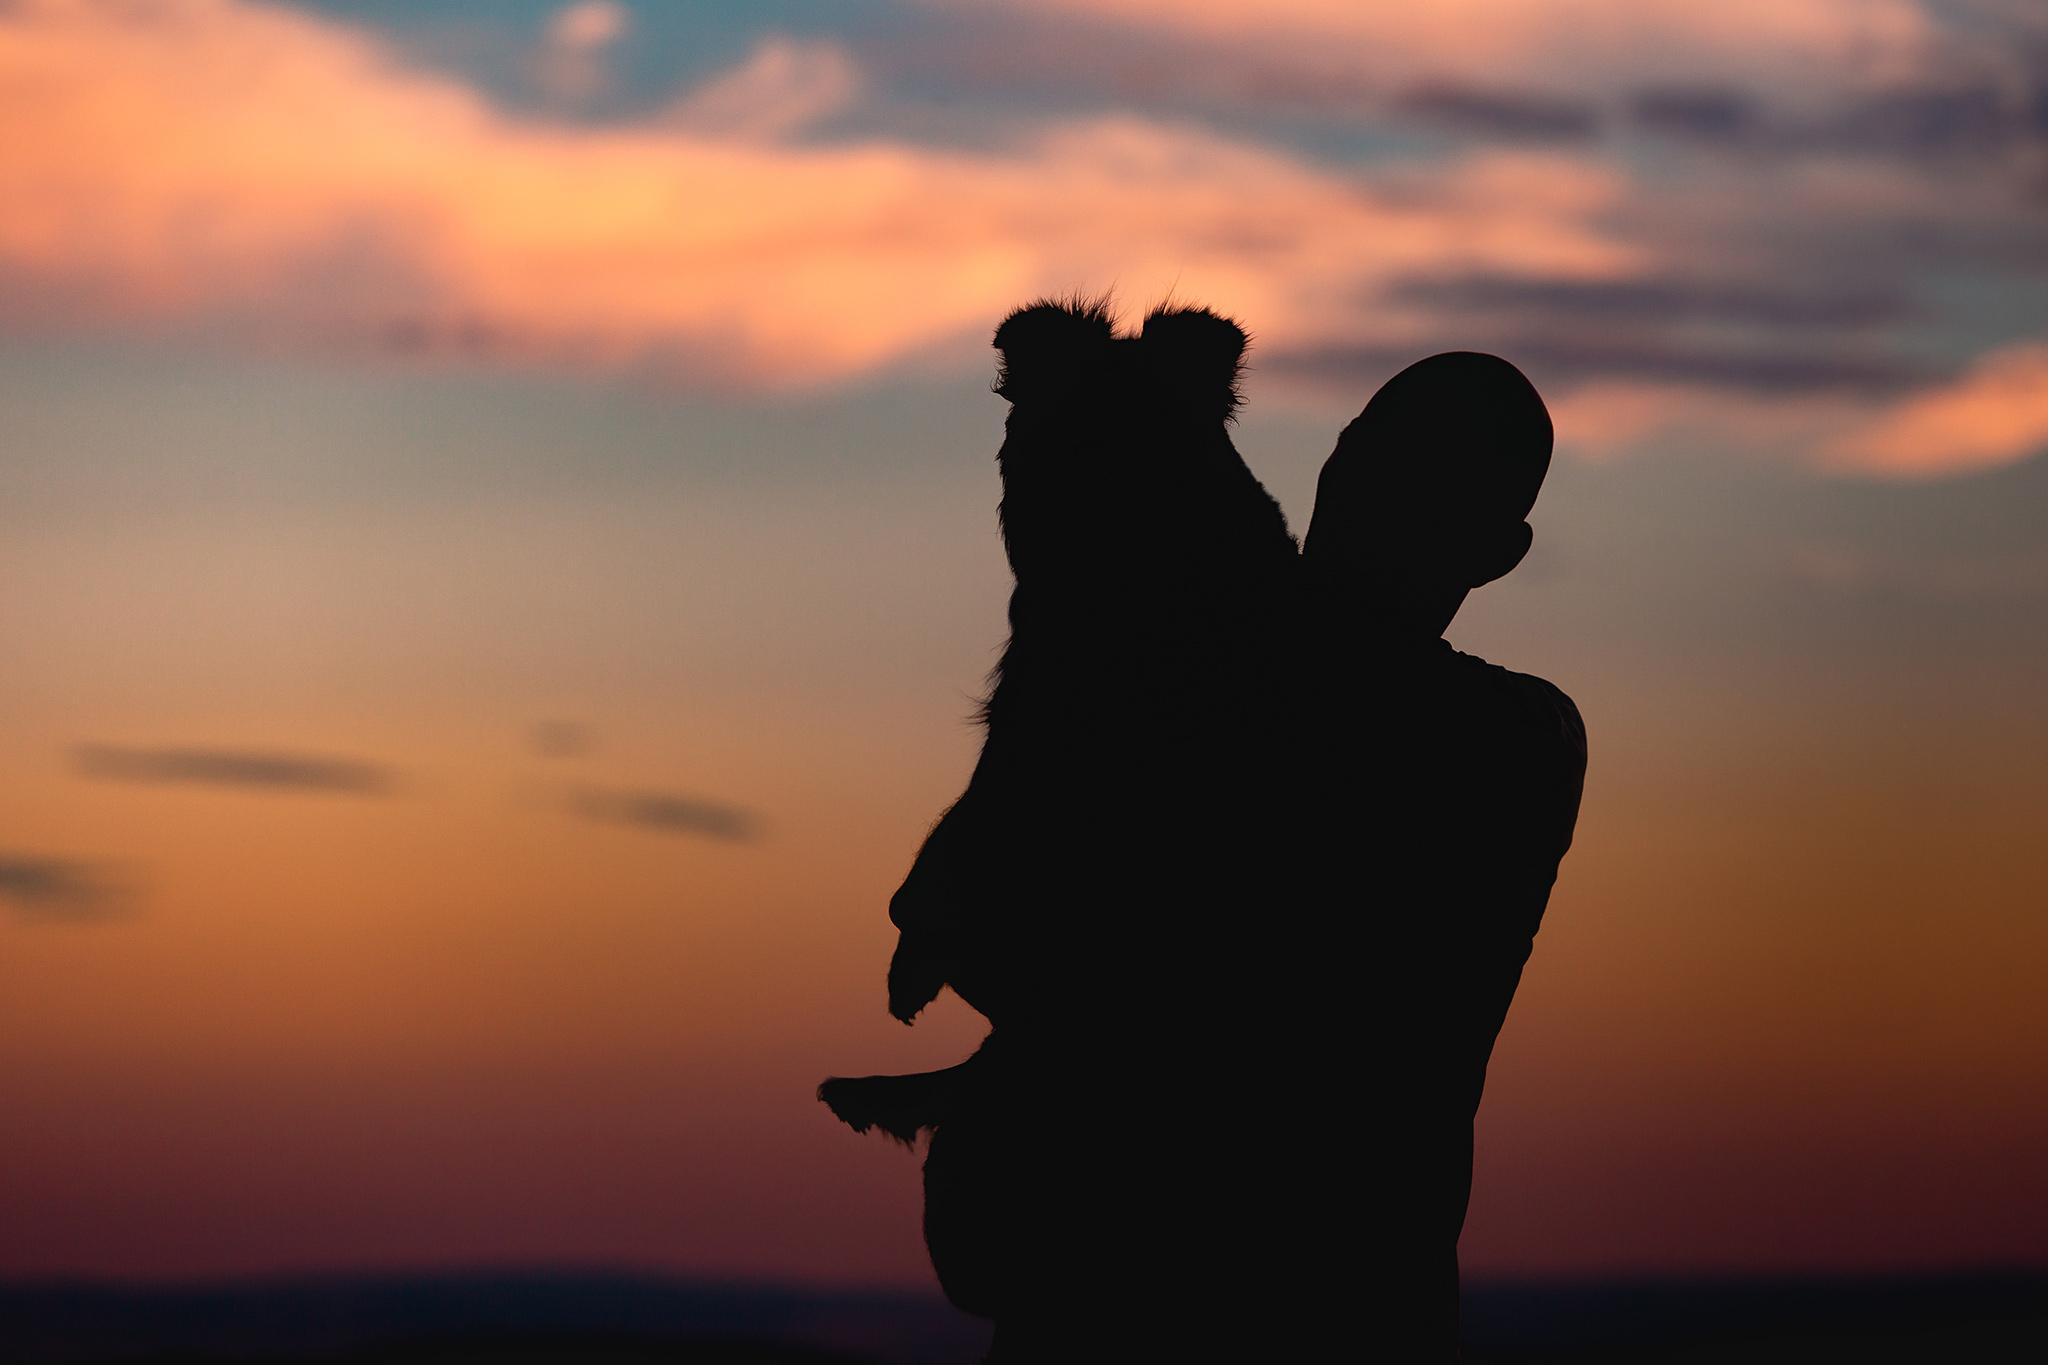 Mensch und Hund Silhouetten vor Abendhimmel